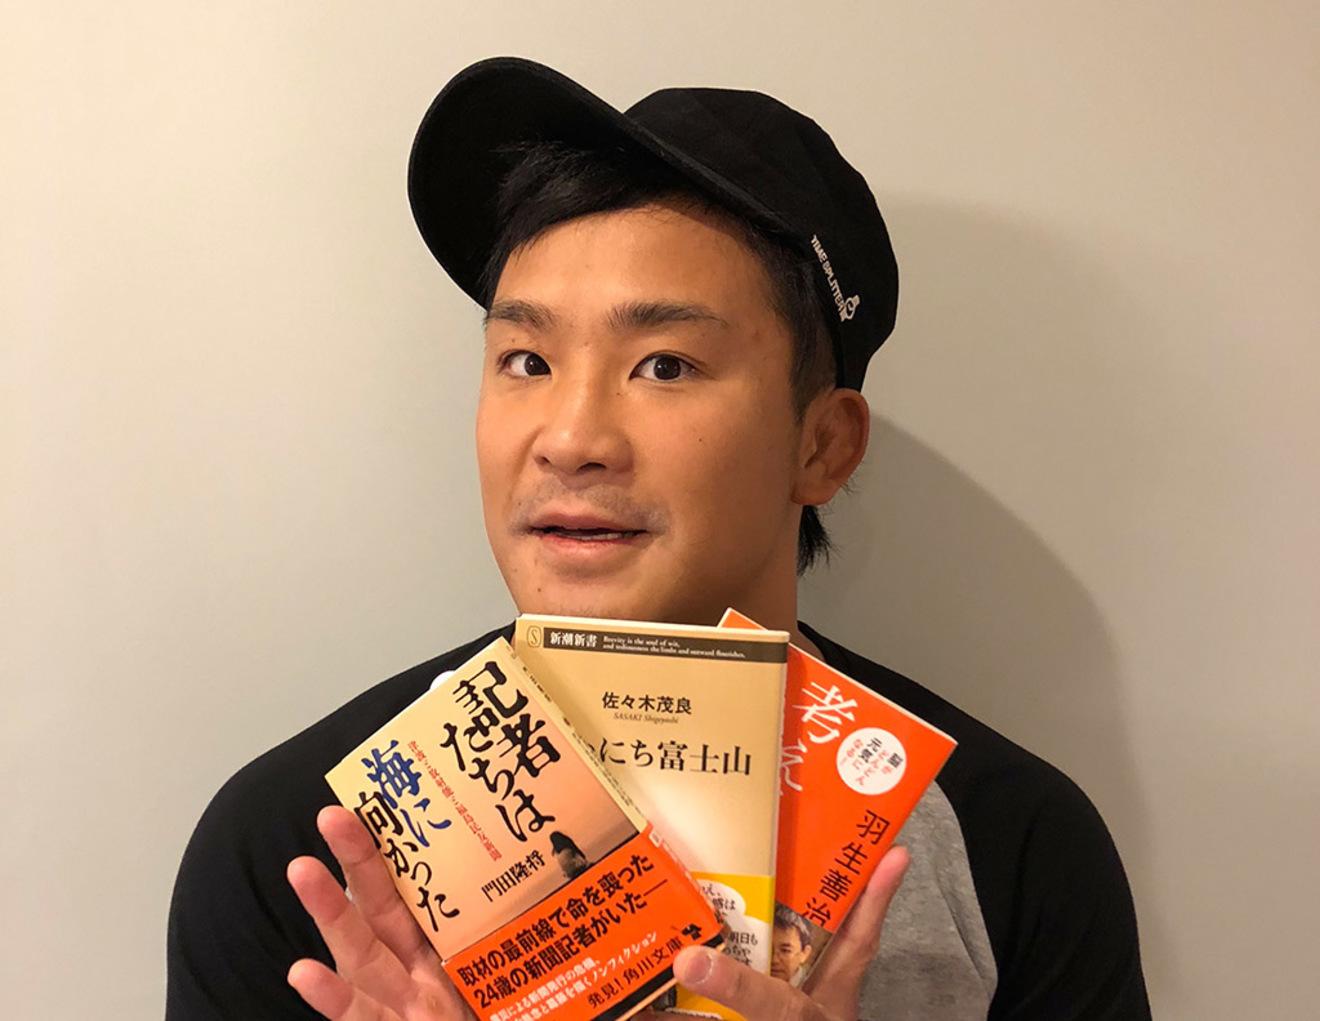 イッテンヨン目前、新年を迎えるにあたって読む本【KUSHIDA】